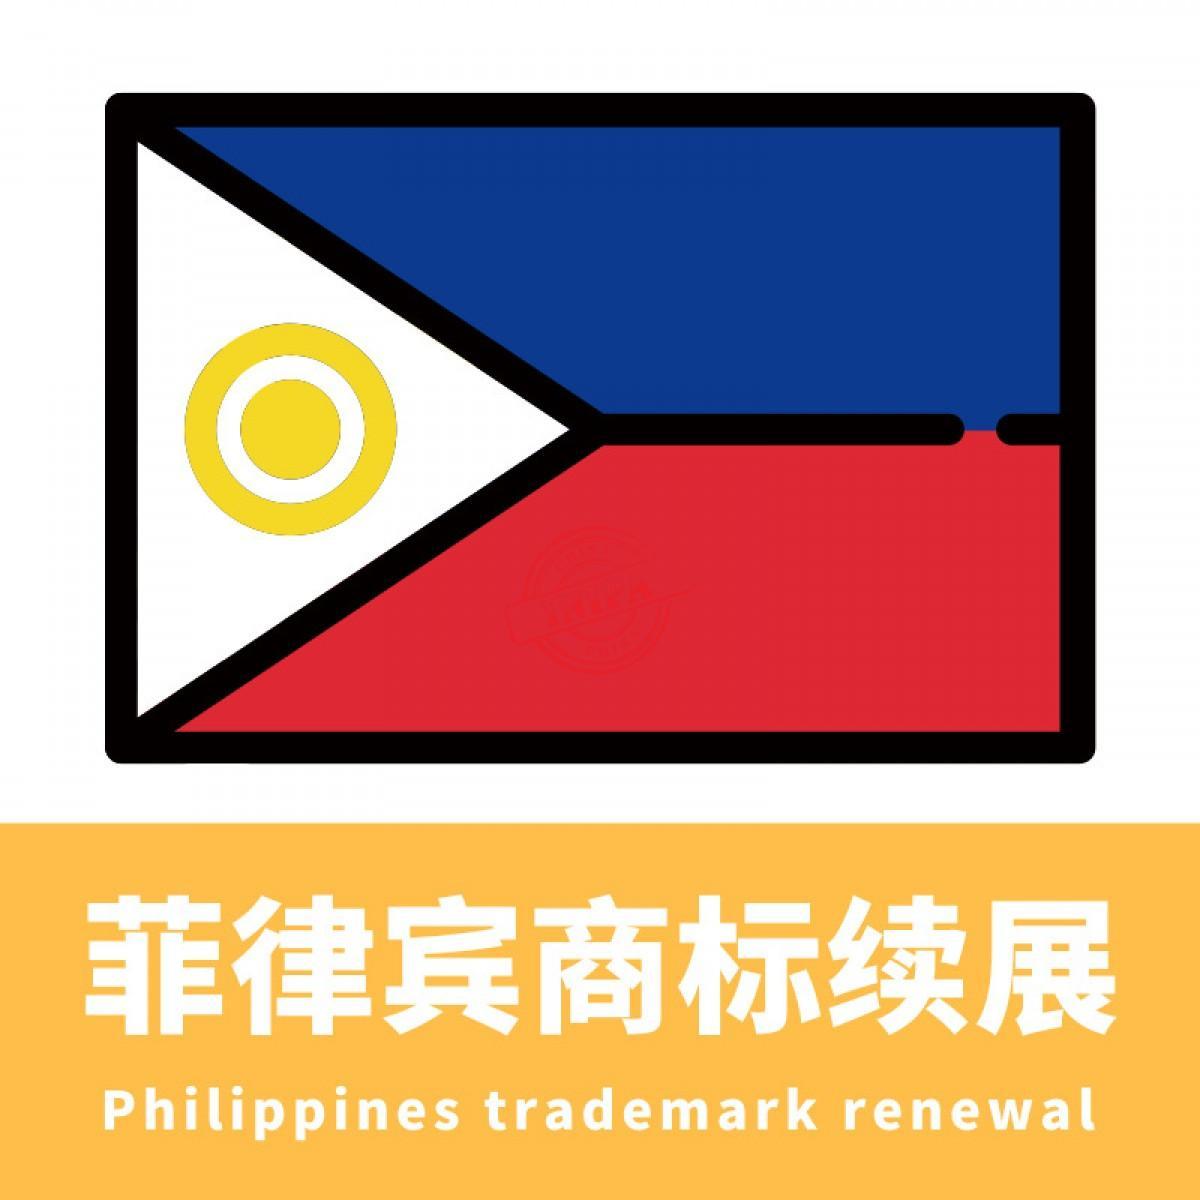 菲律宾商标续展 / Philippines trademark renewal